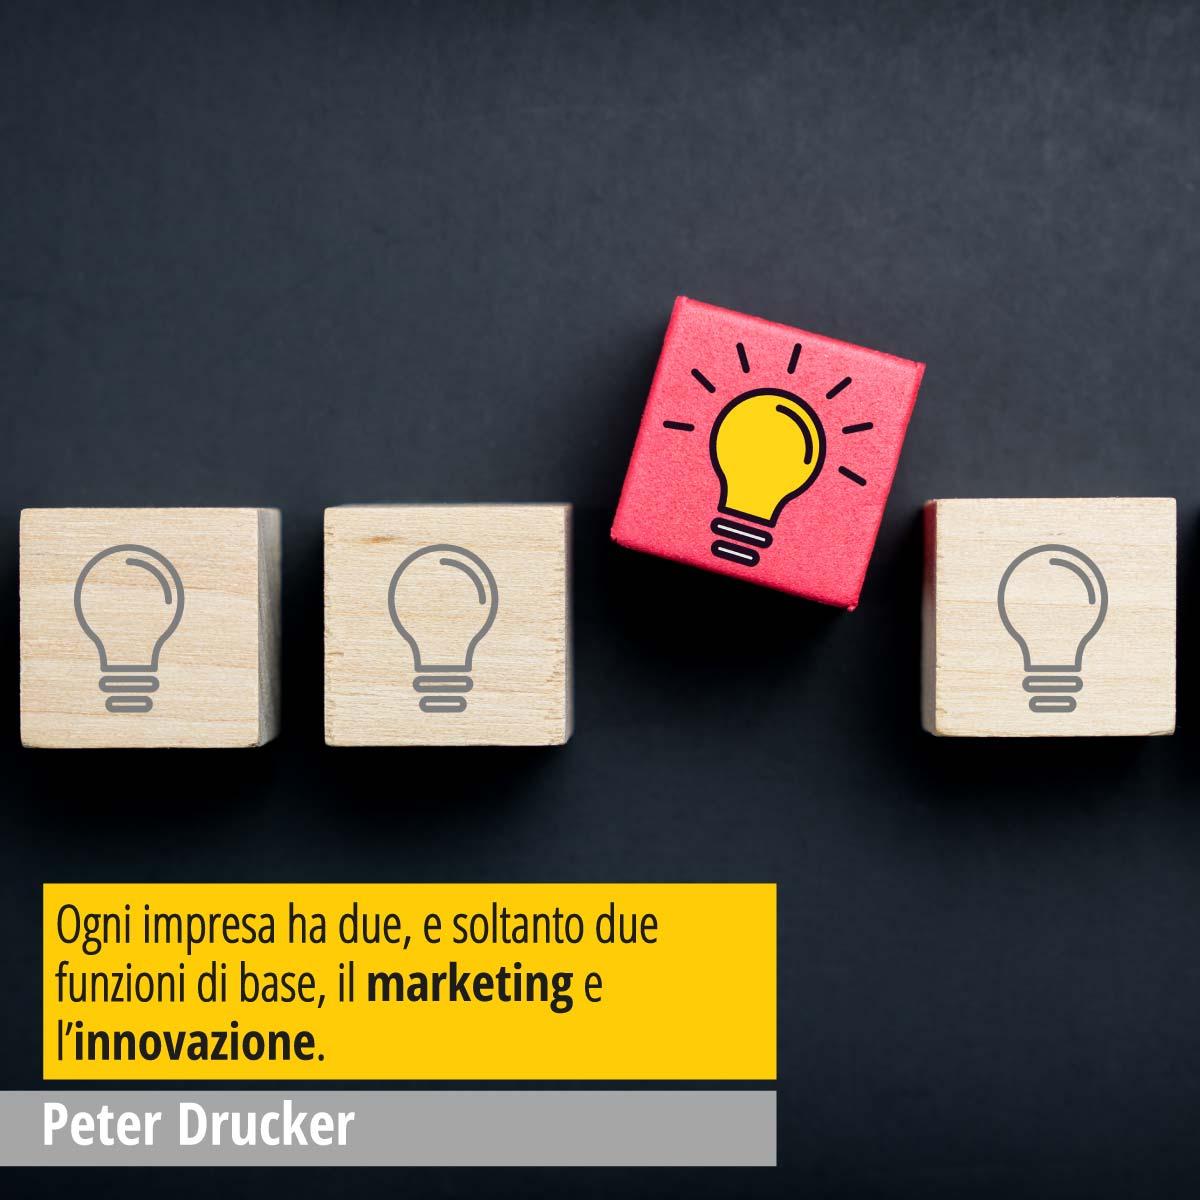 """In questa immagine una citazione del grande Peter Drucker, guru mondiale del Marketing """"Ogni impresa ha due, e soltanto due funzioni di base, il marketing e l'innovazione."""""""